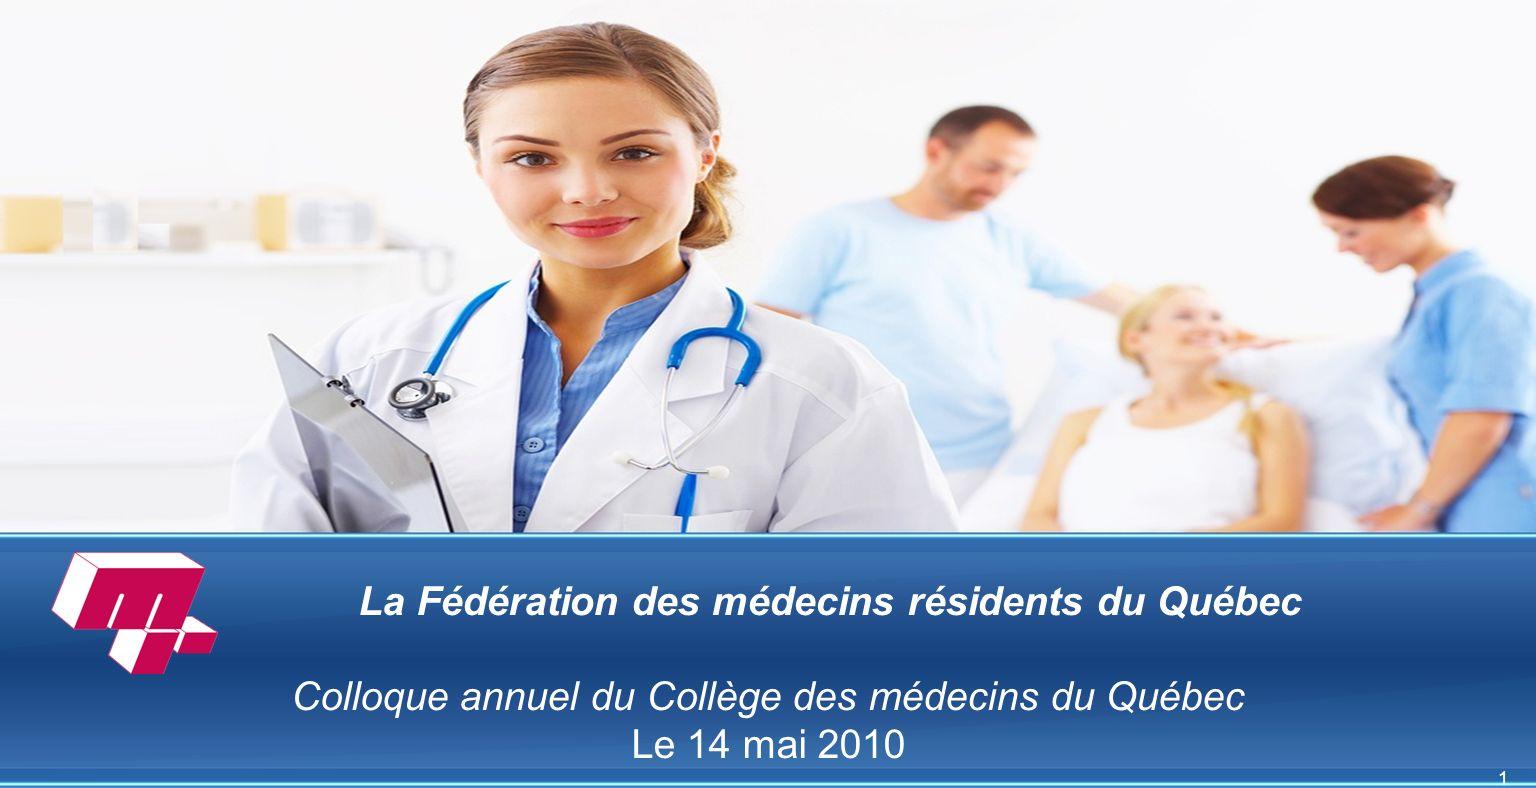 1 La Fédération des médecins résidents du Québec Colloque annuel du Collège des médecins du Québec Le 14 mai 2010